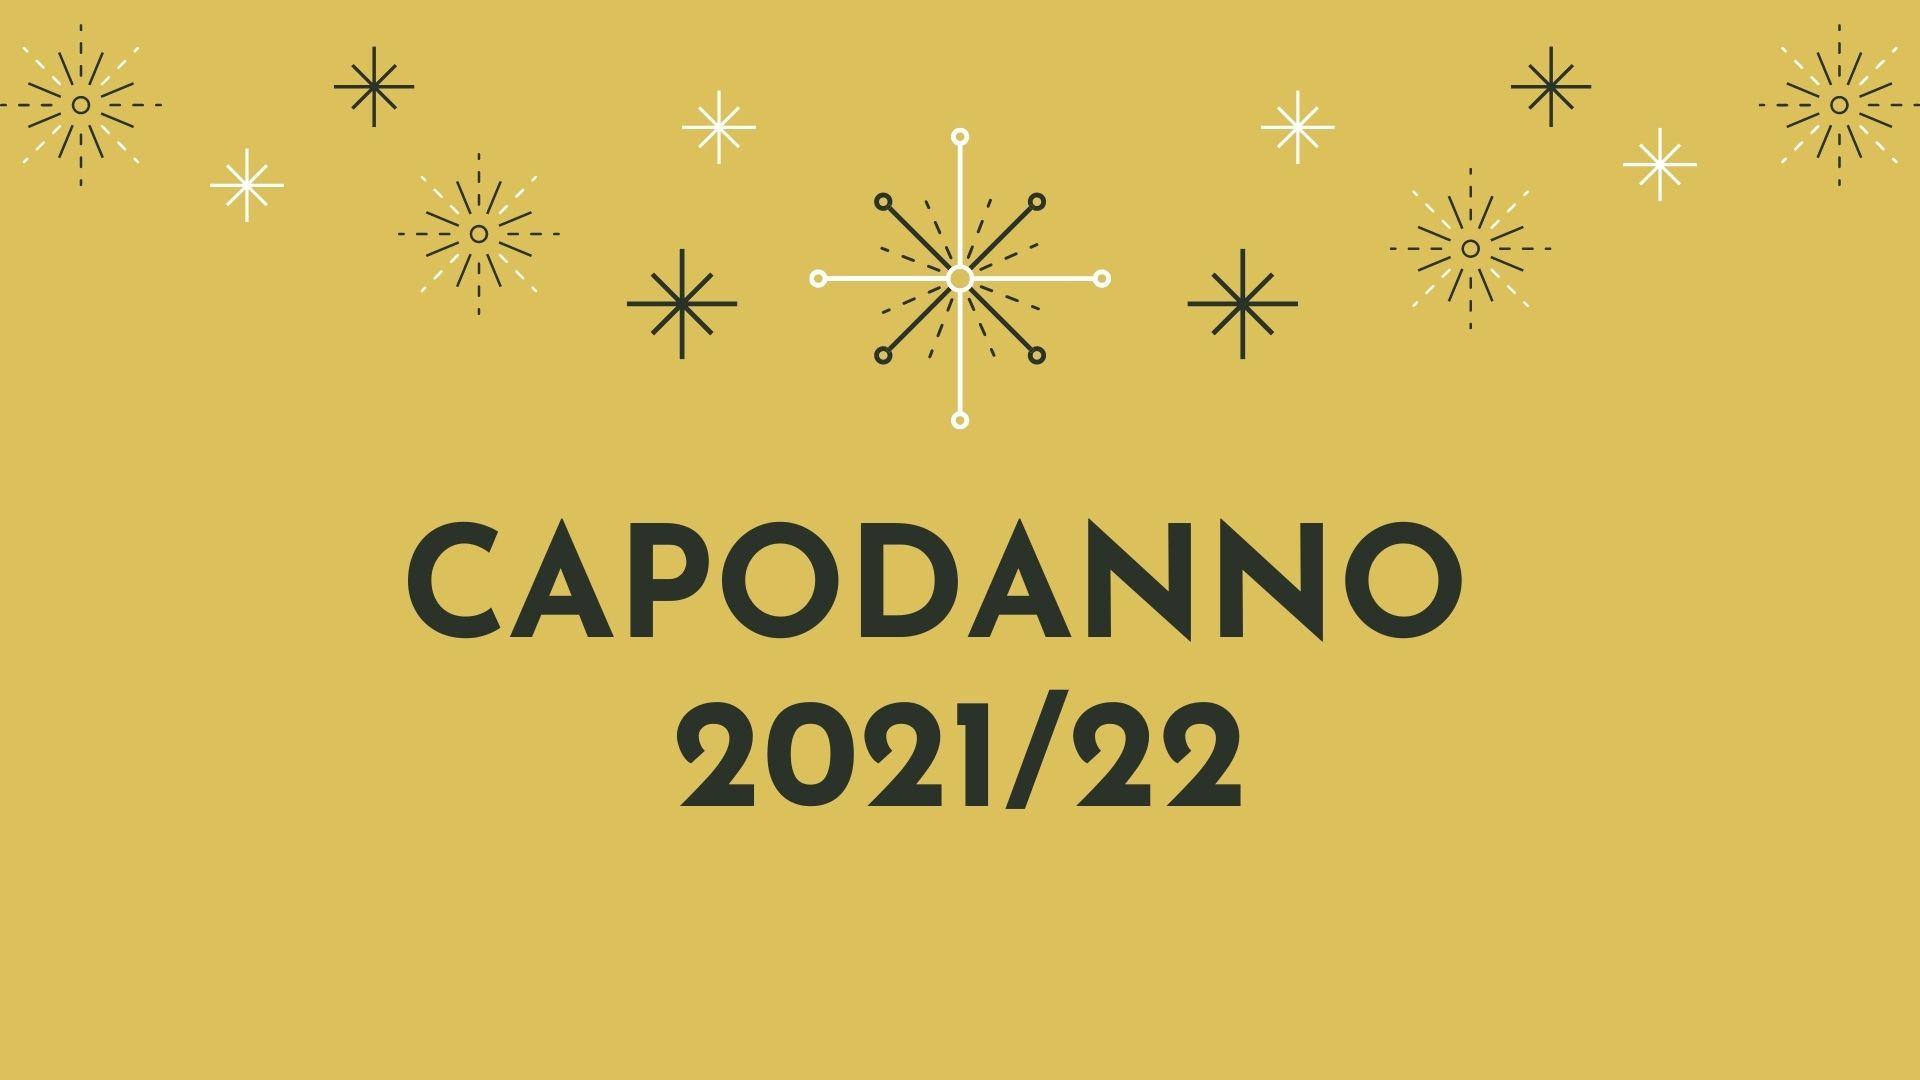 CAPODANNO 2021/22